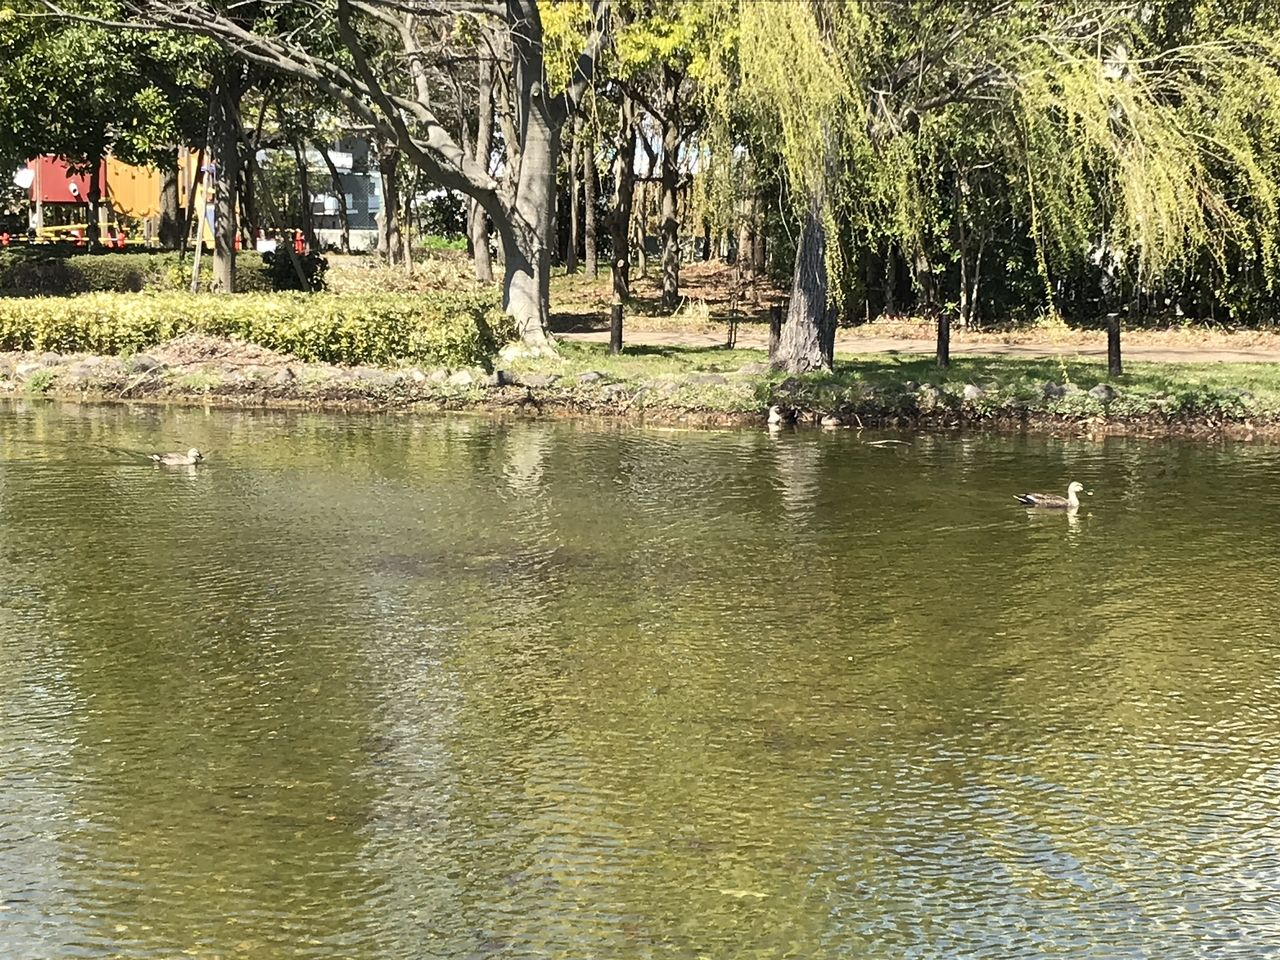 行徳のいこいの広場の鴨池の鴨